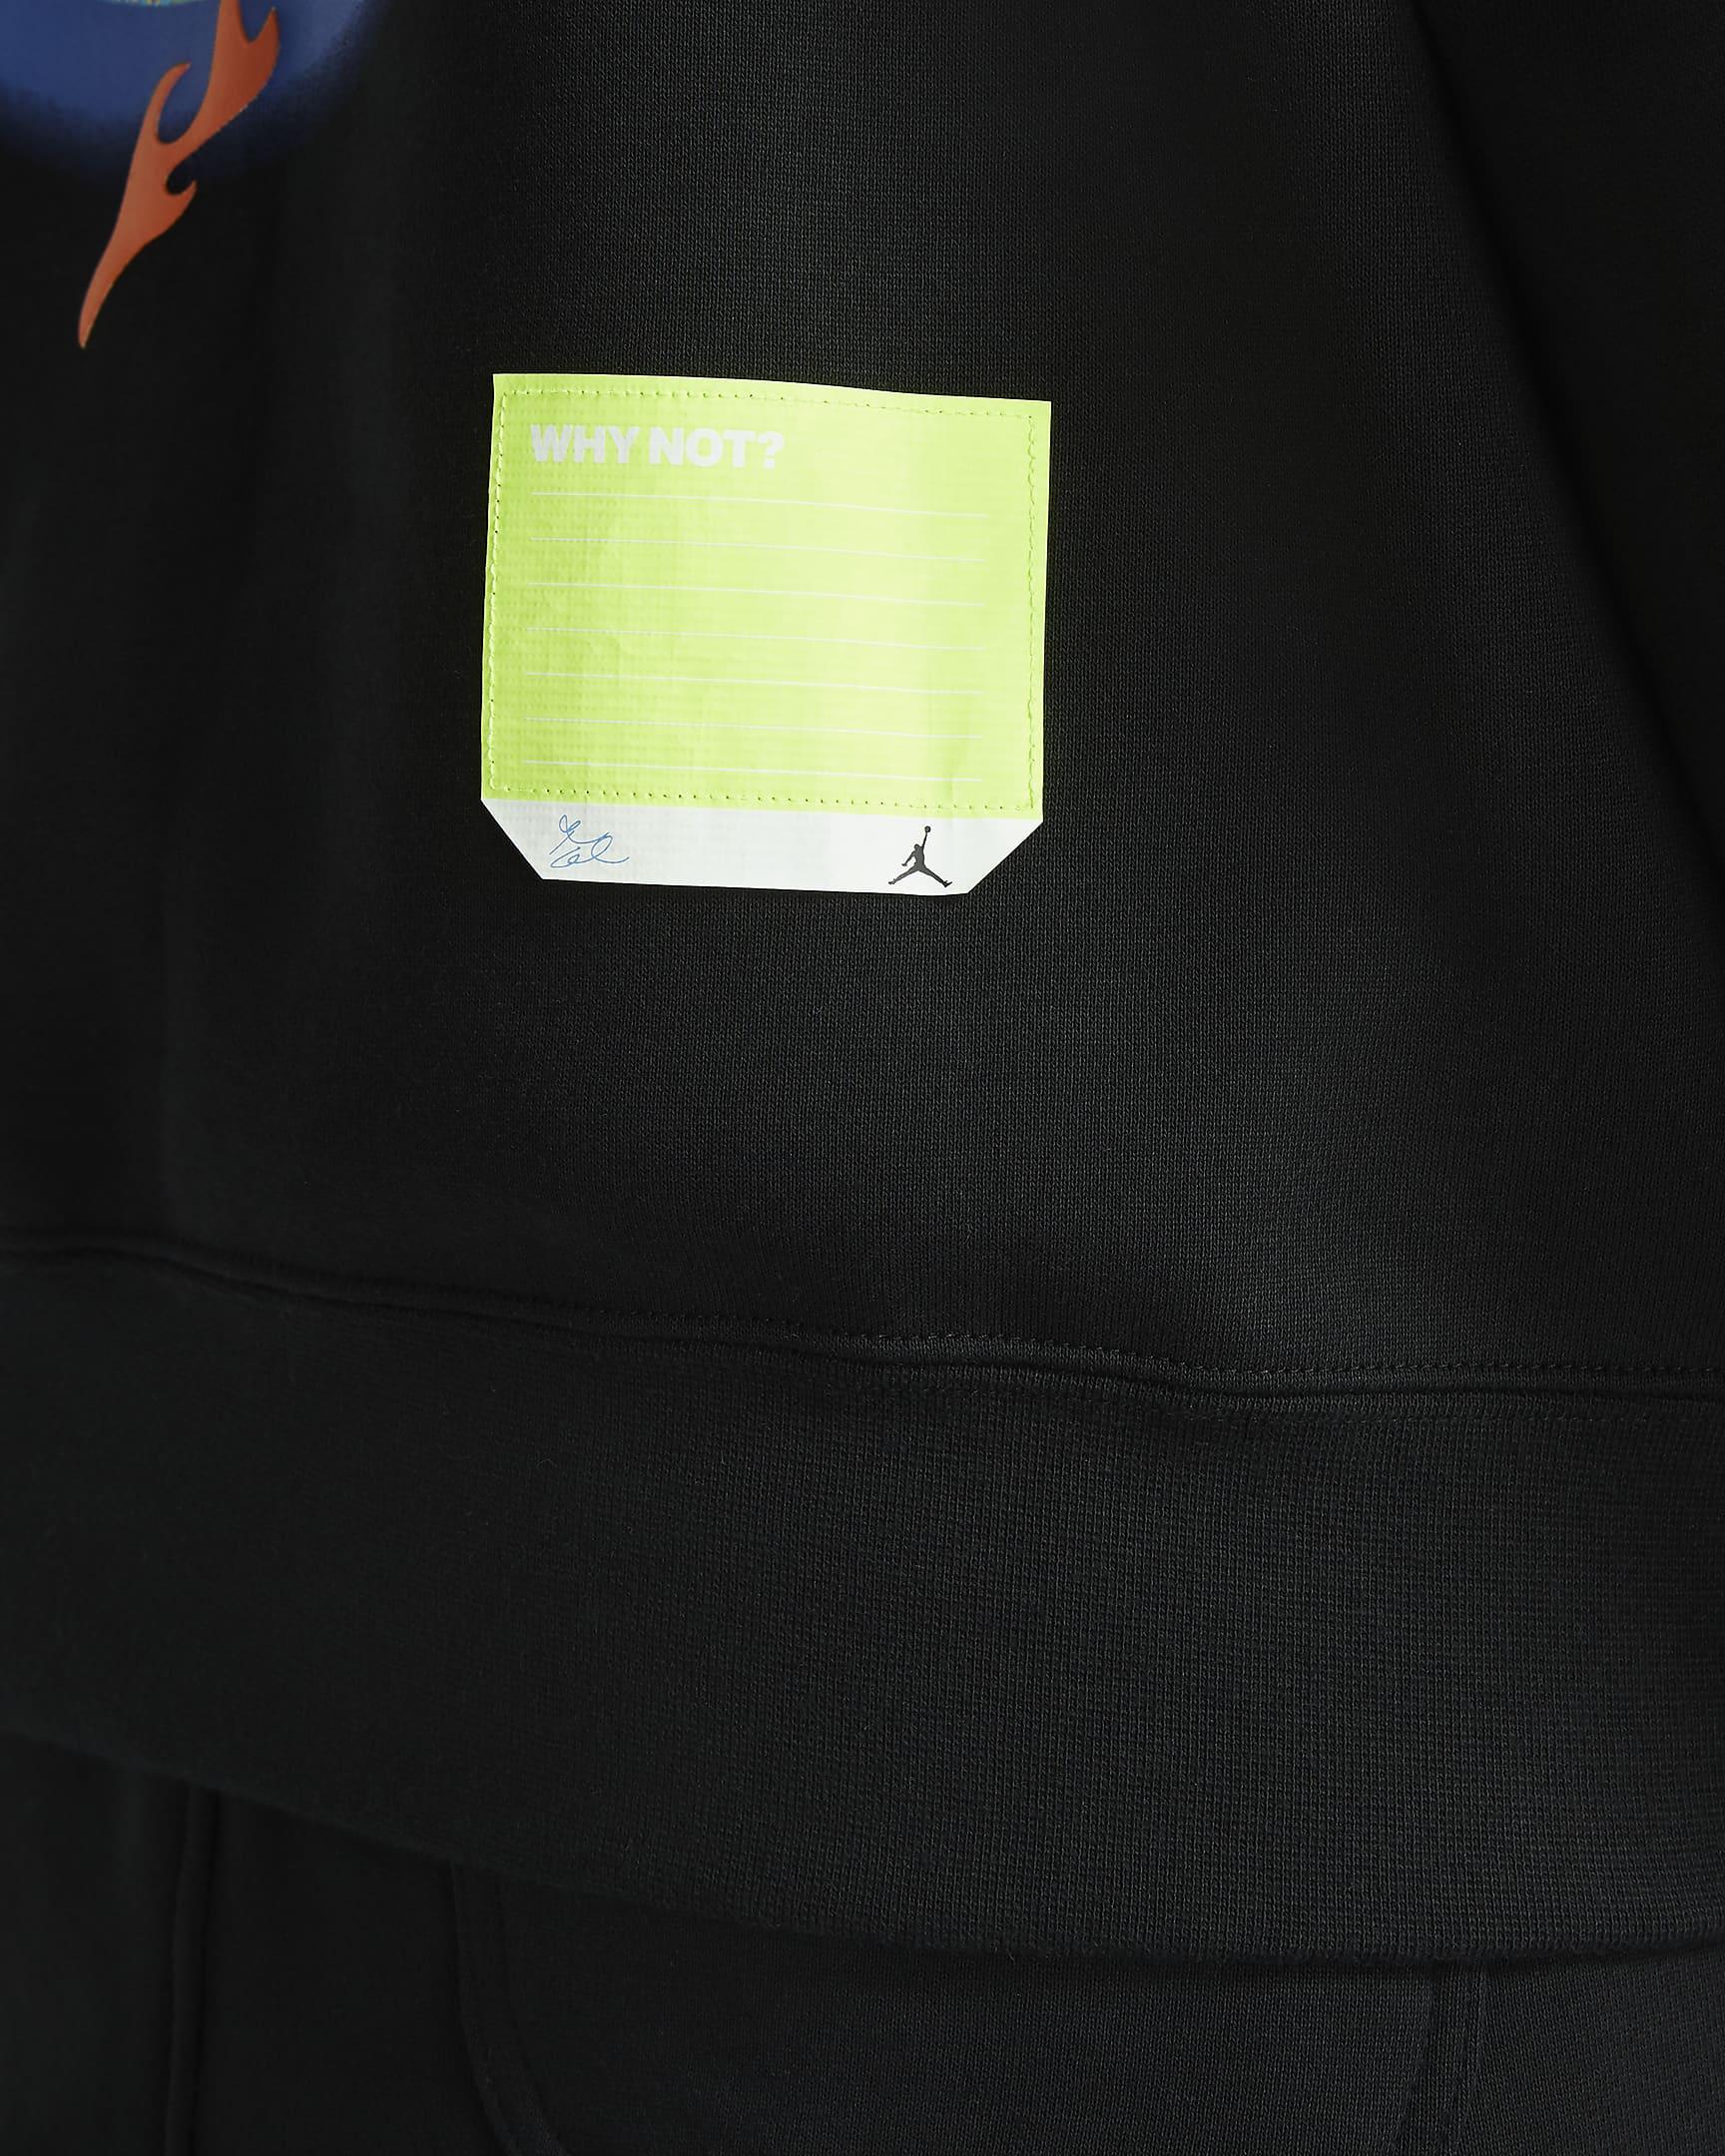 jordan-why-not-fleece-hoodie-LF30Sh-4